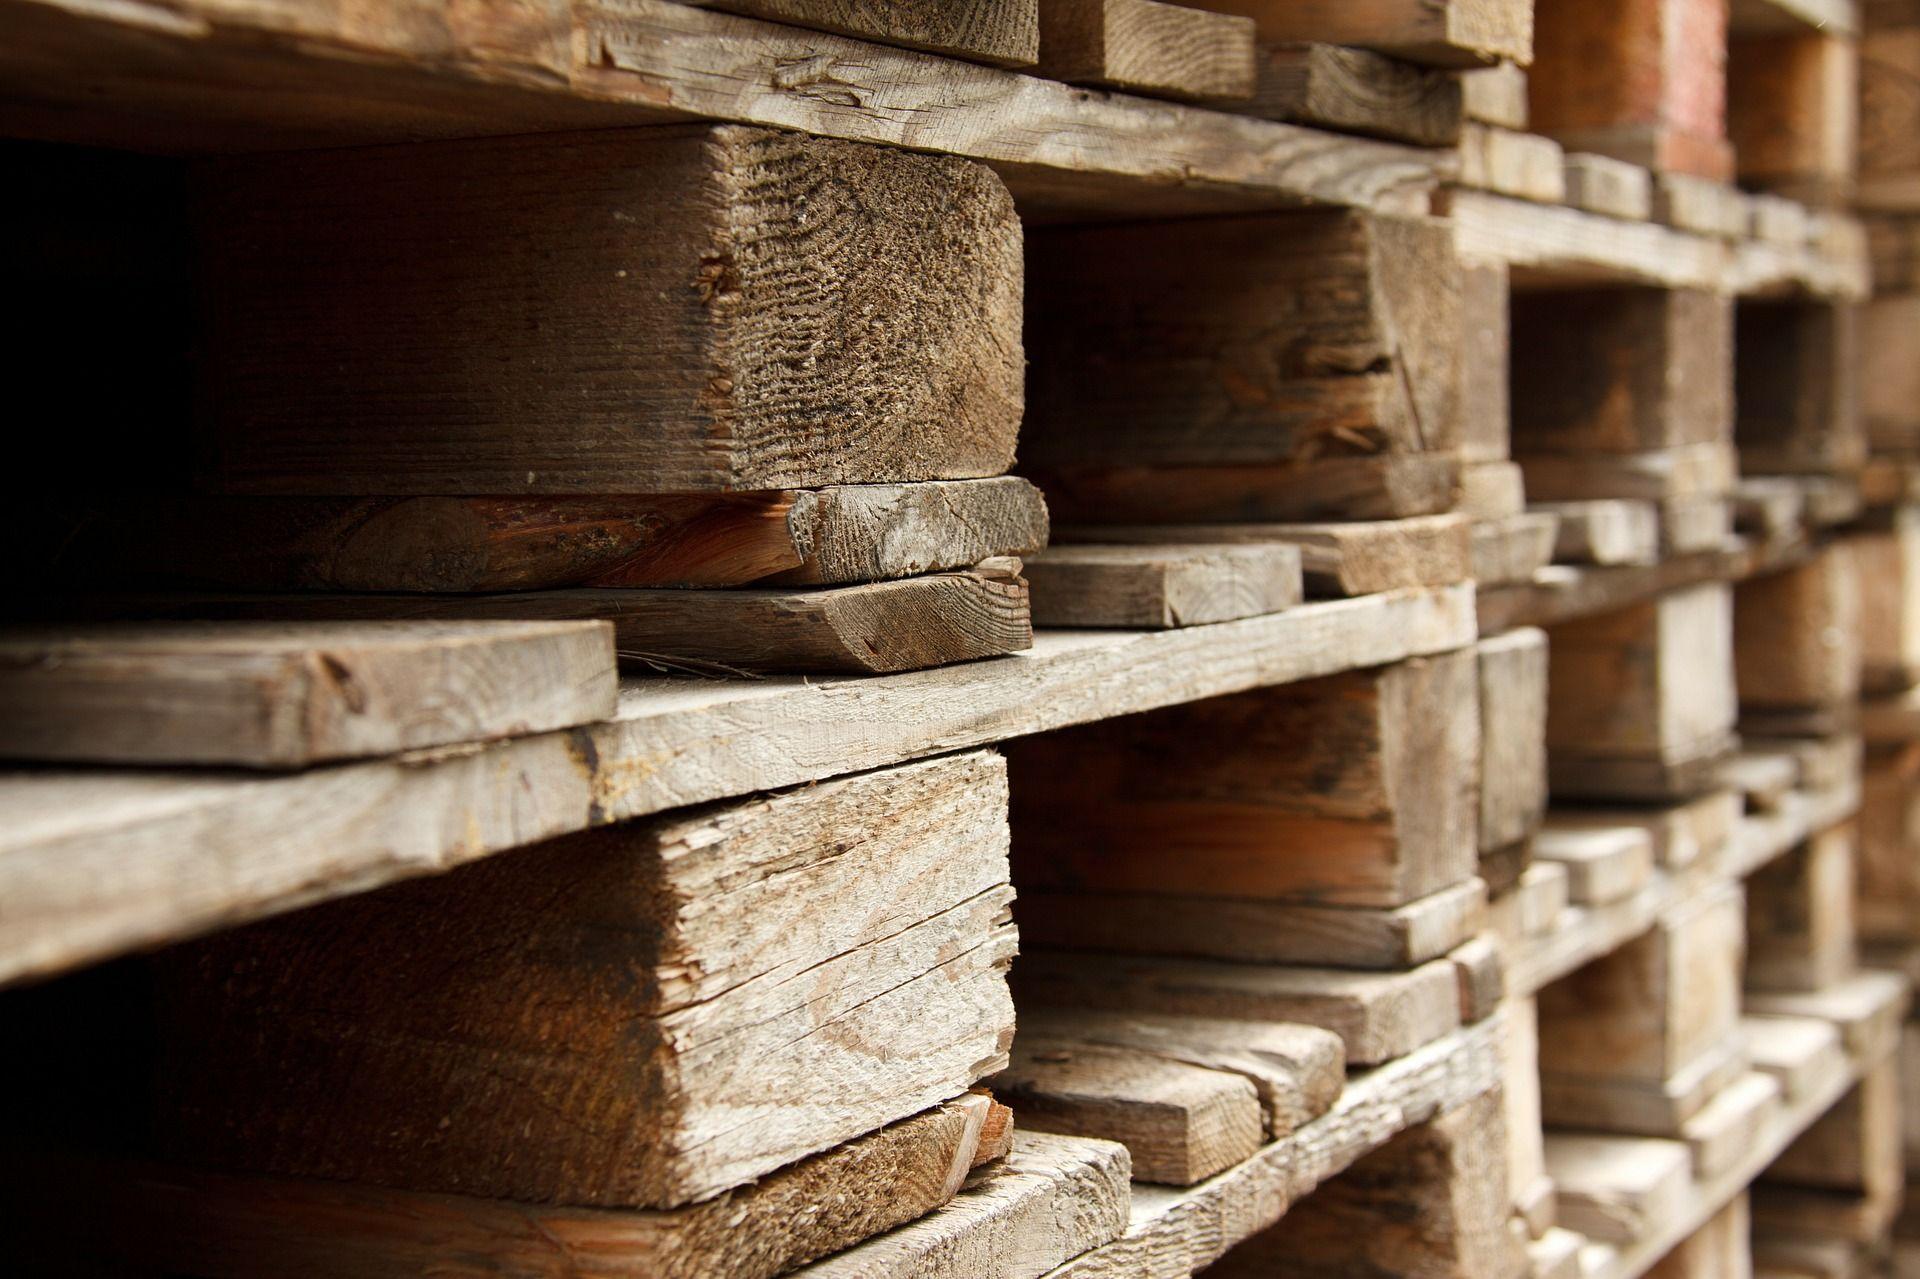 Fabriquer Un Composteur Avec Des Palettes fabriquer son composteur avec des palettes de bois de récup.